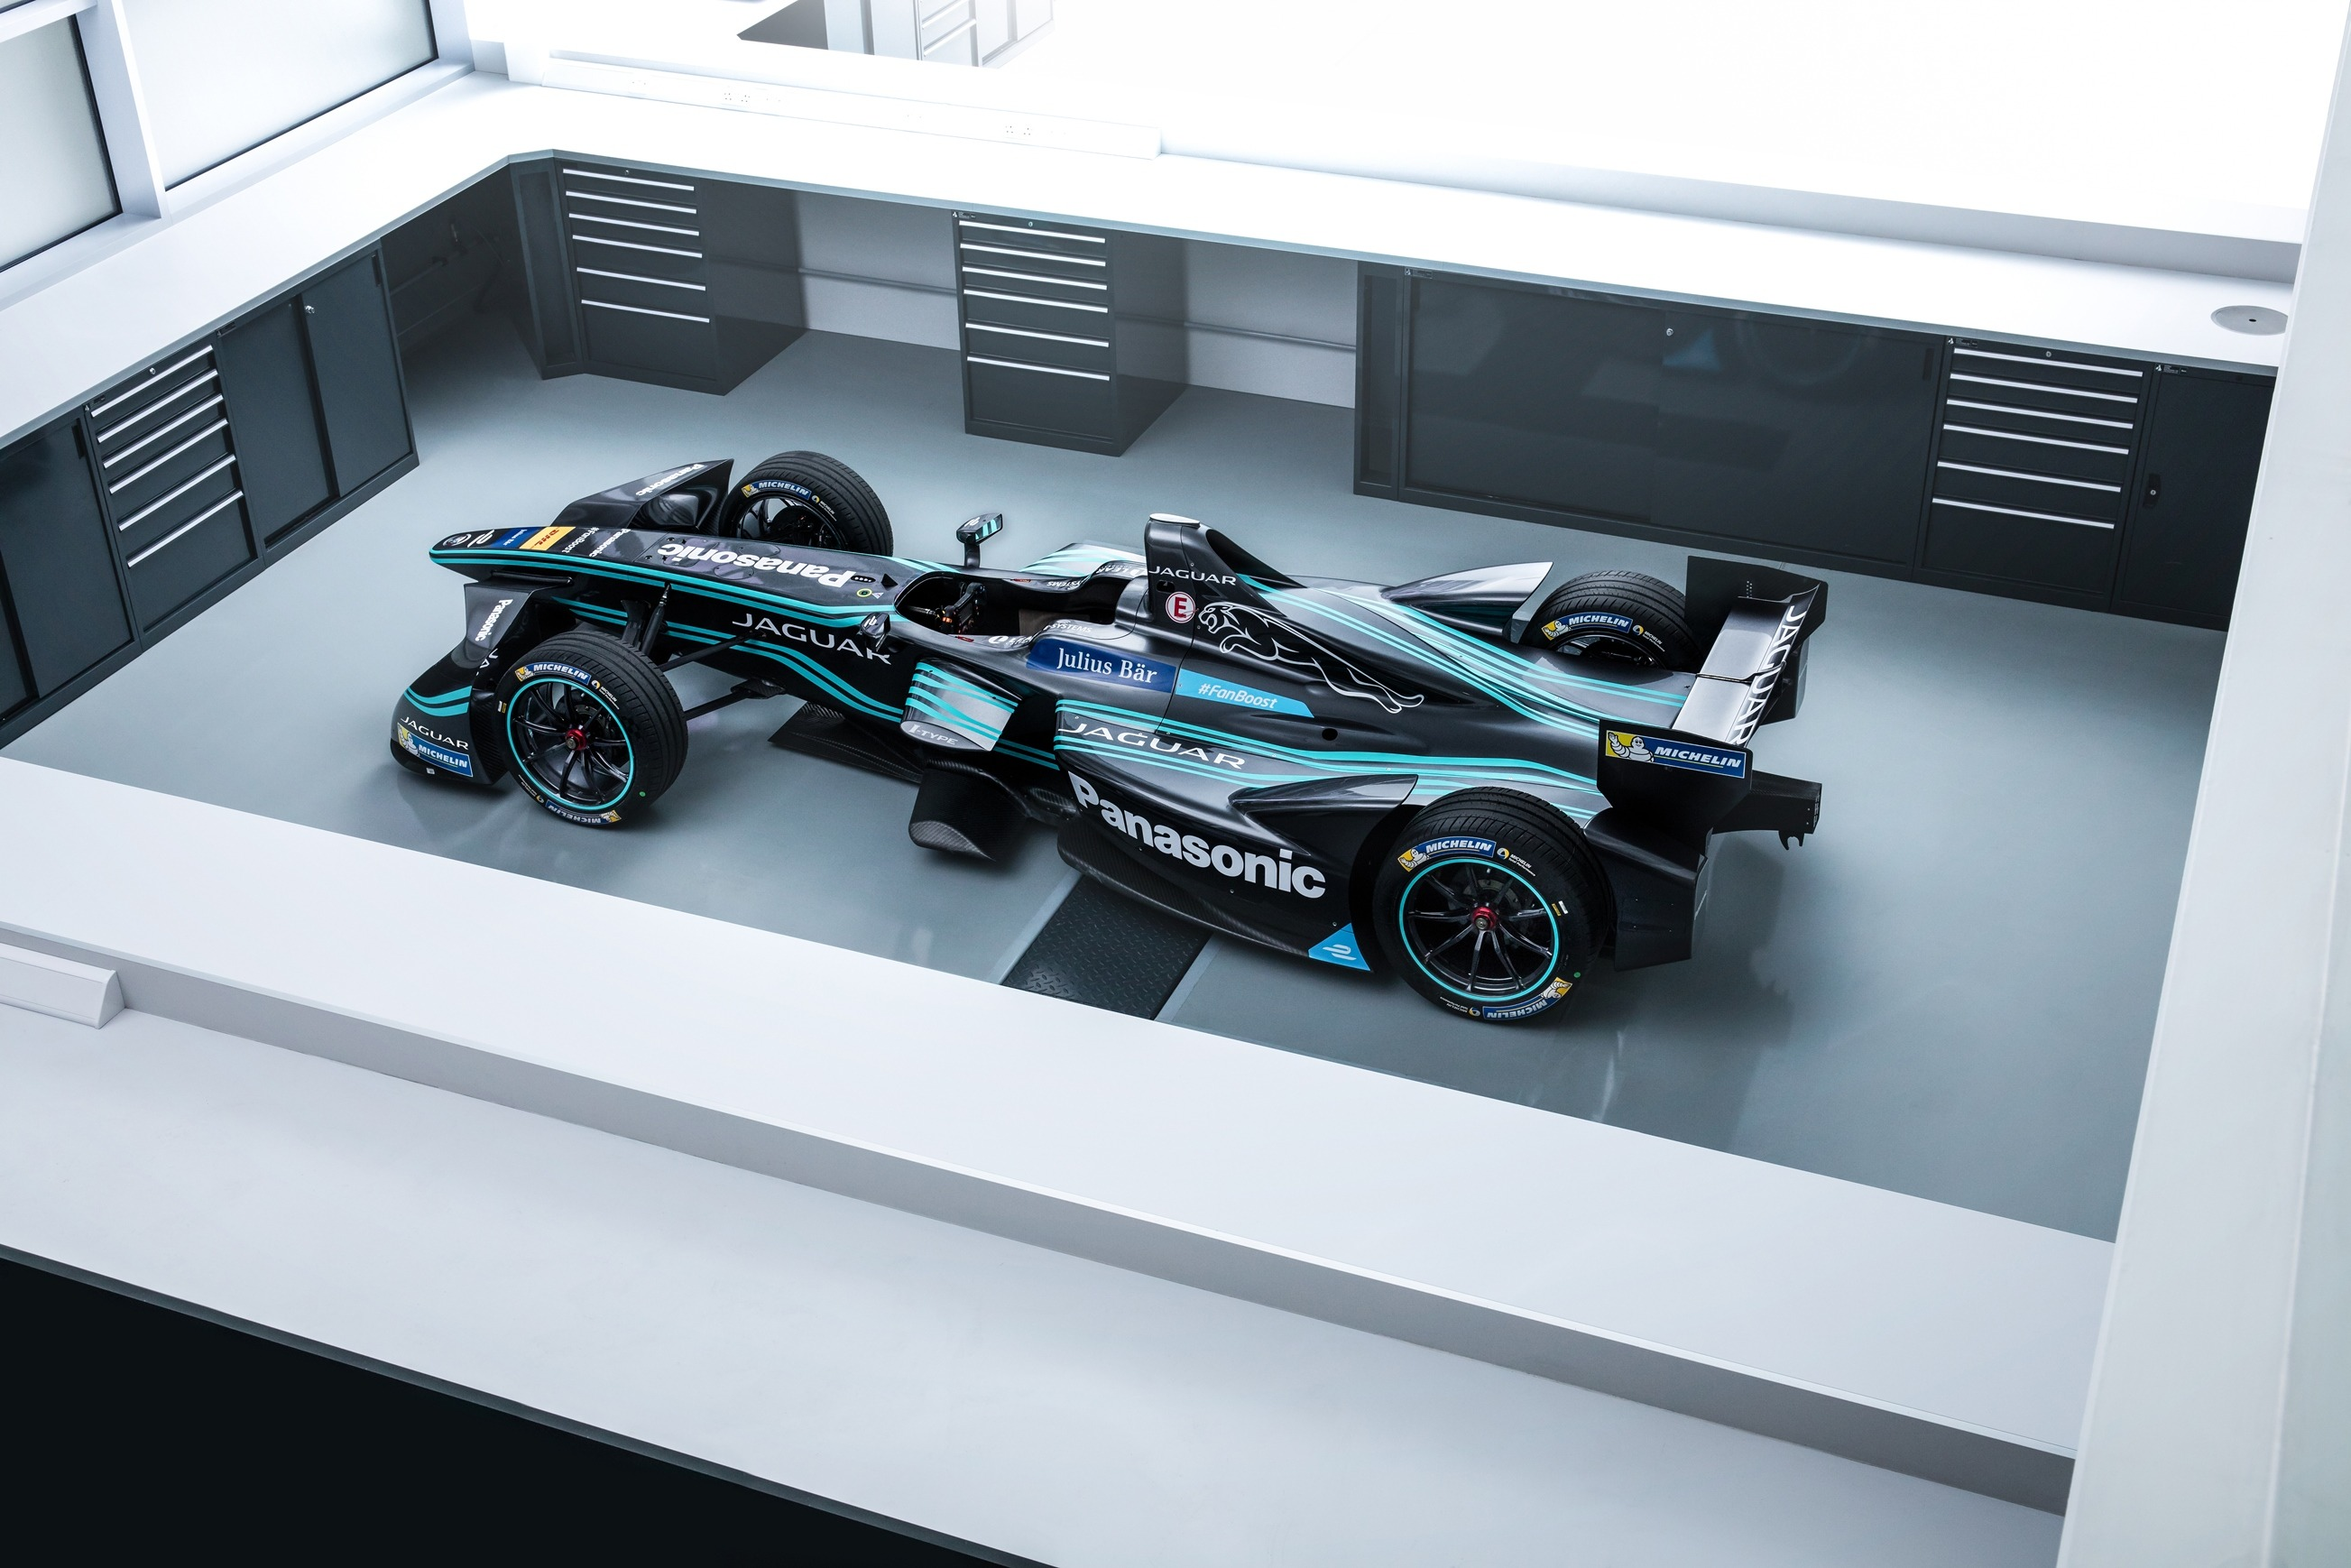 panasonic_jaguar_racing_formula_e_3_zoldautok